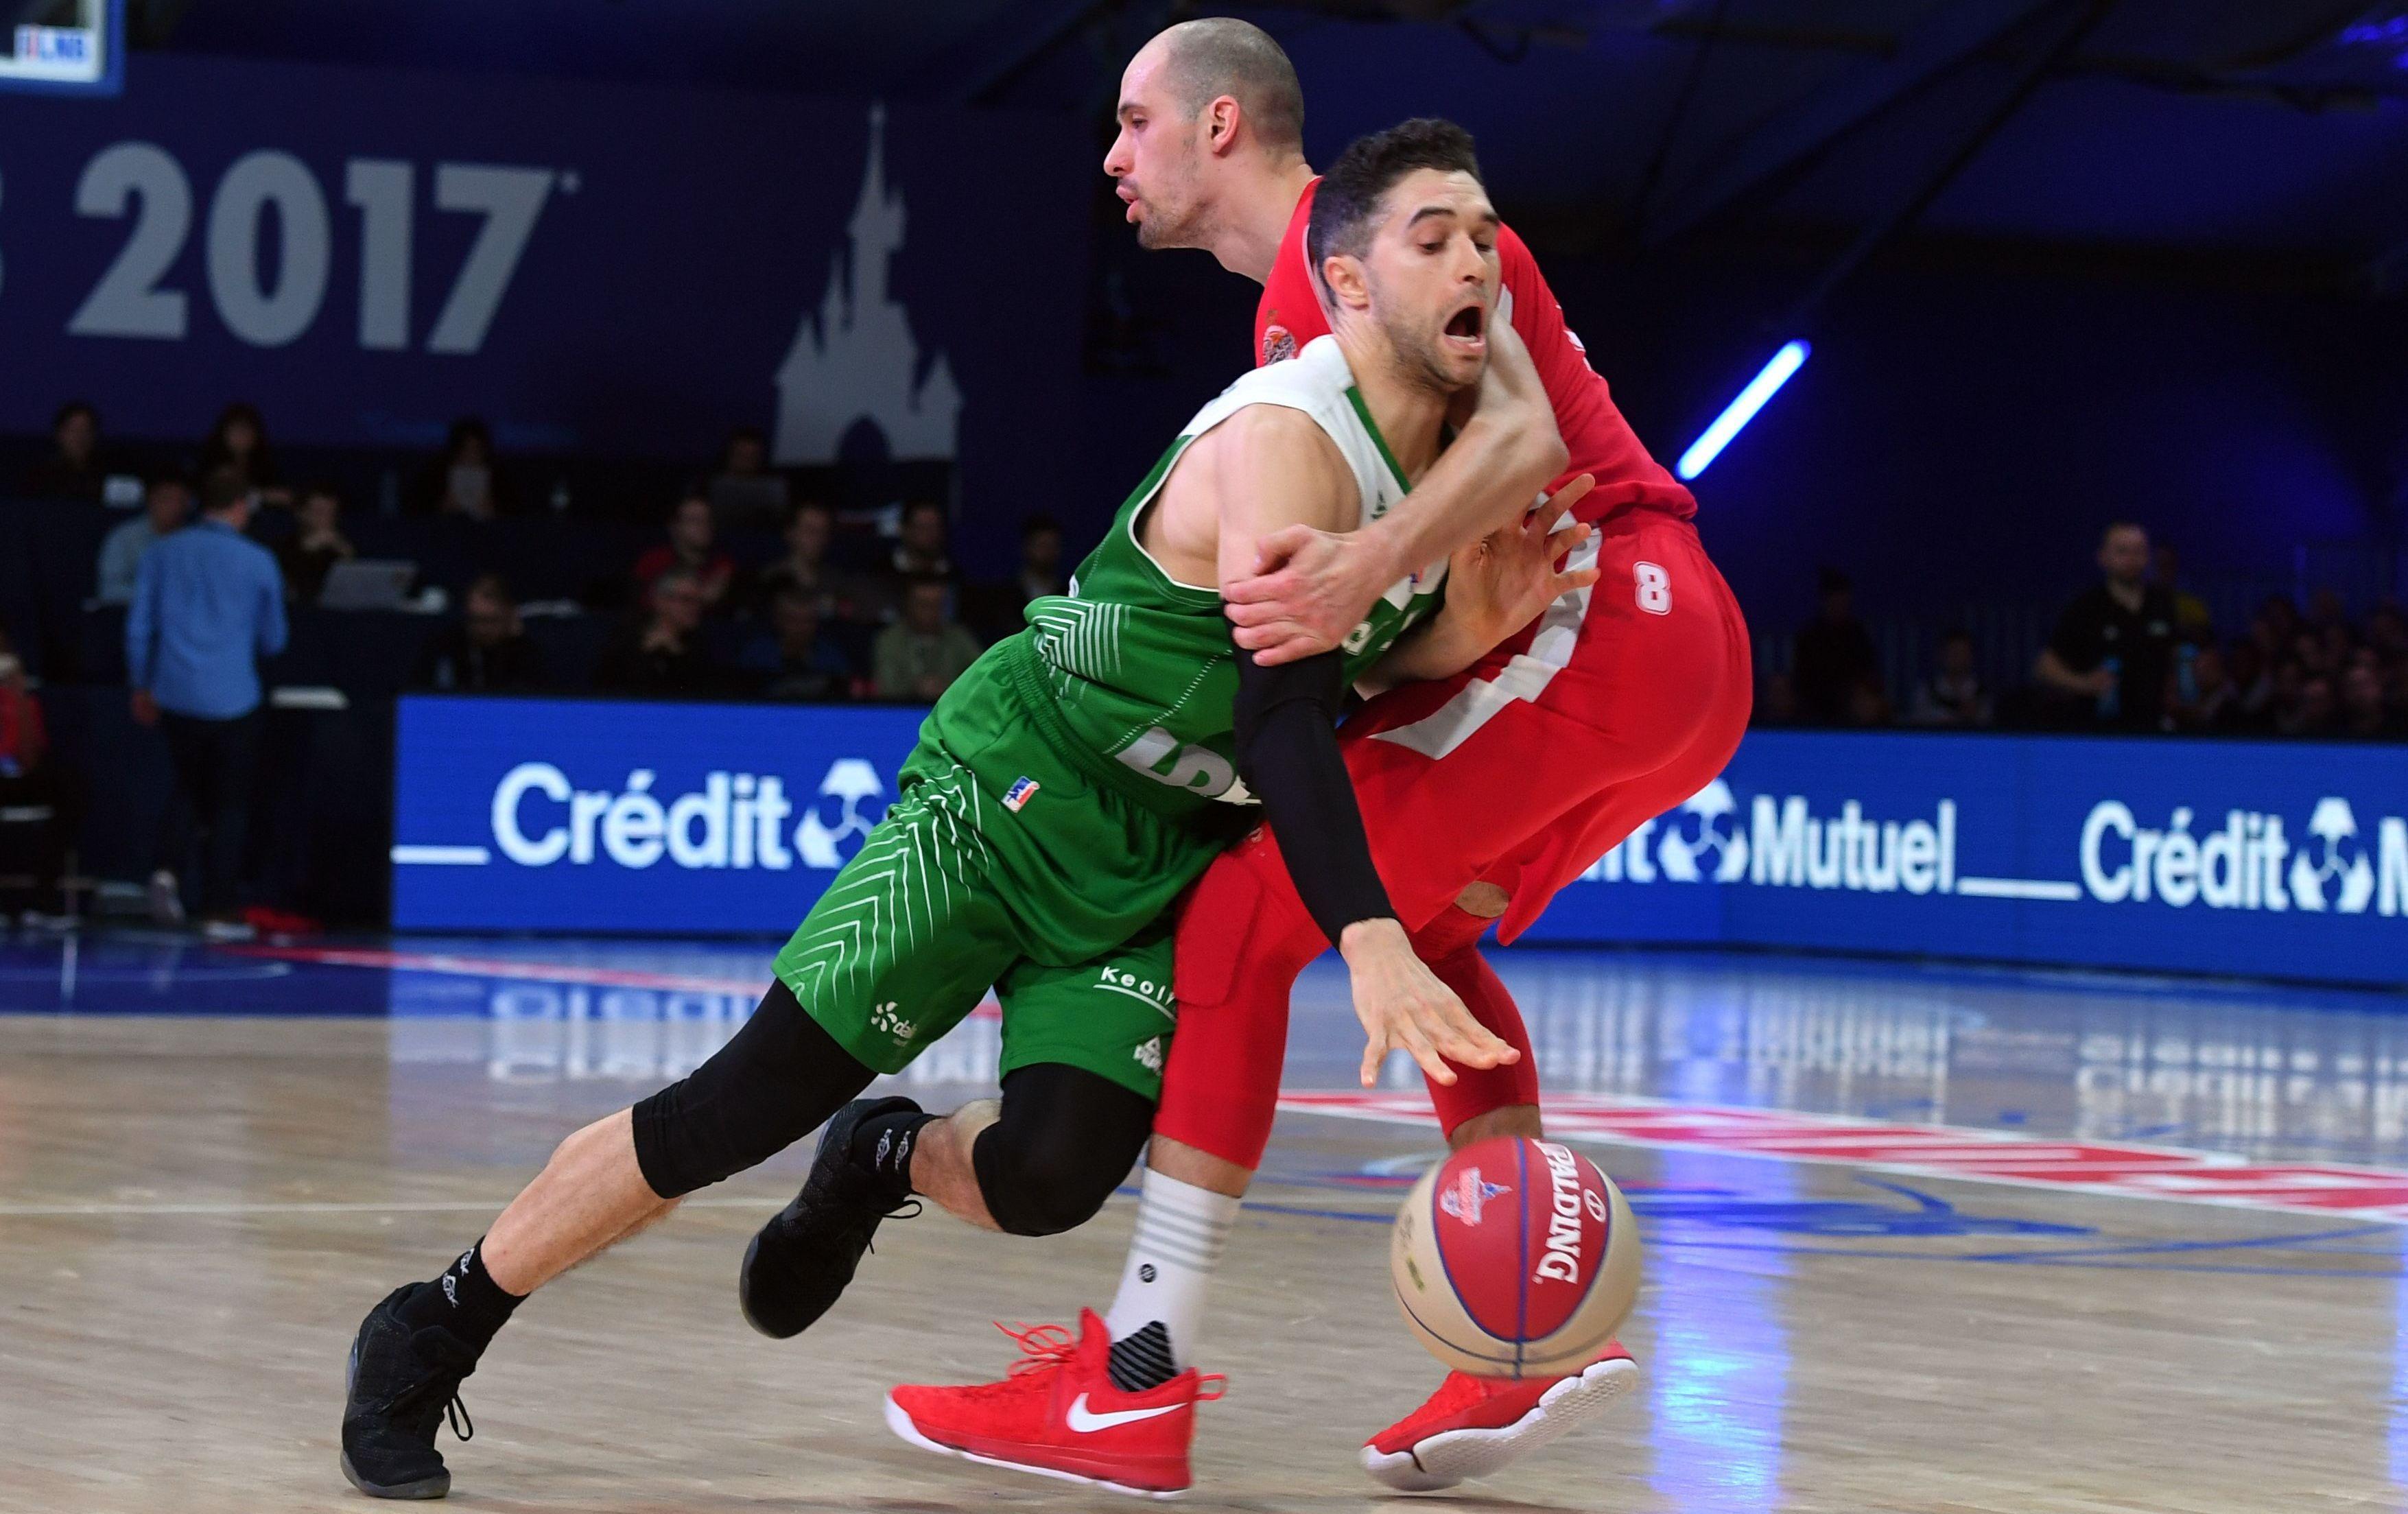 Basket - Pro A - Monaco : A Disney, c'est Gladyr qui a enfilé le costume du héros